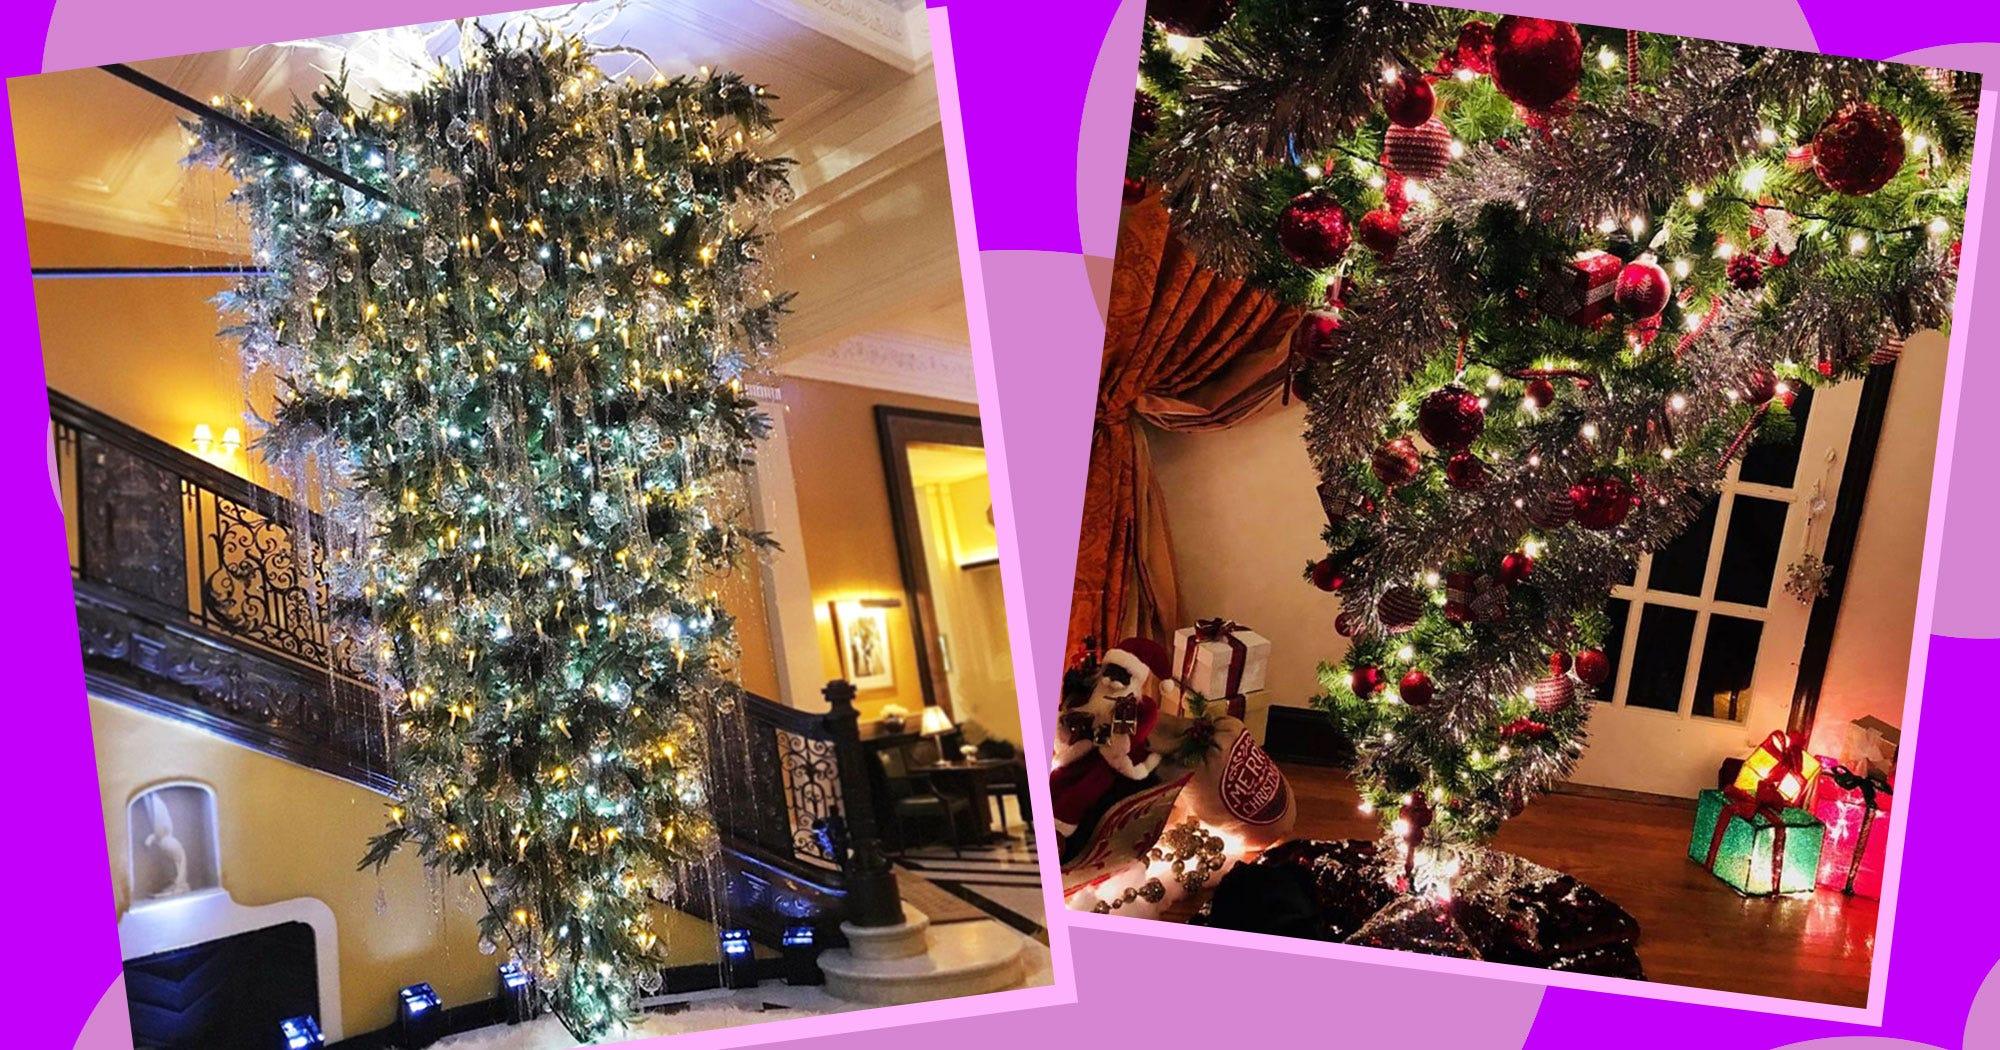 Upside Down Weihnachtsbaum Mit Twist